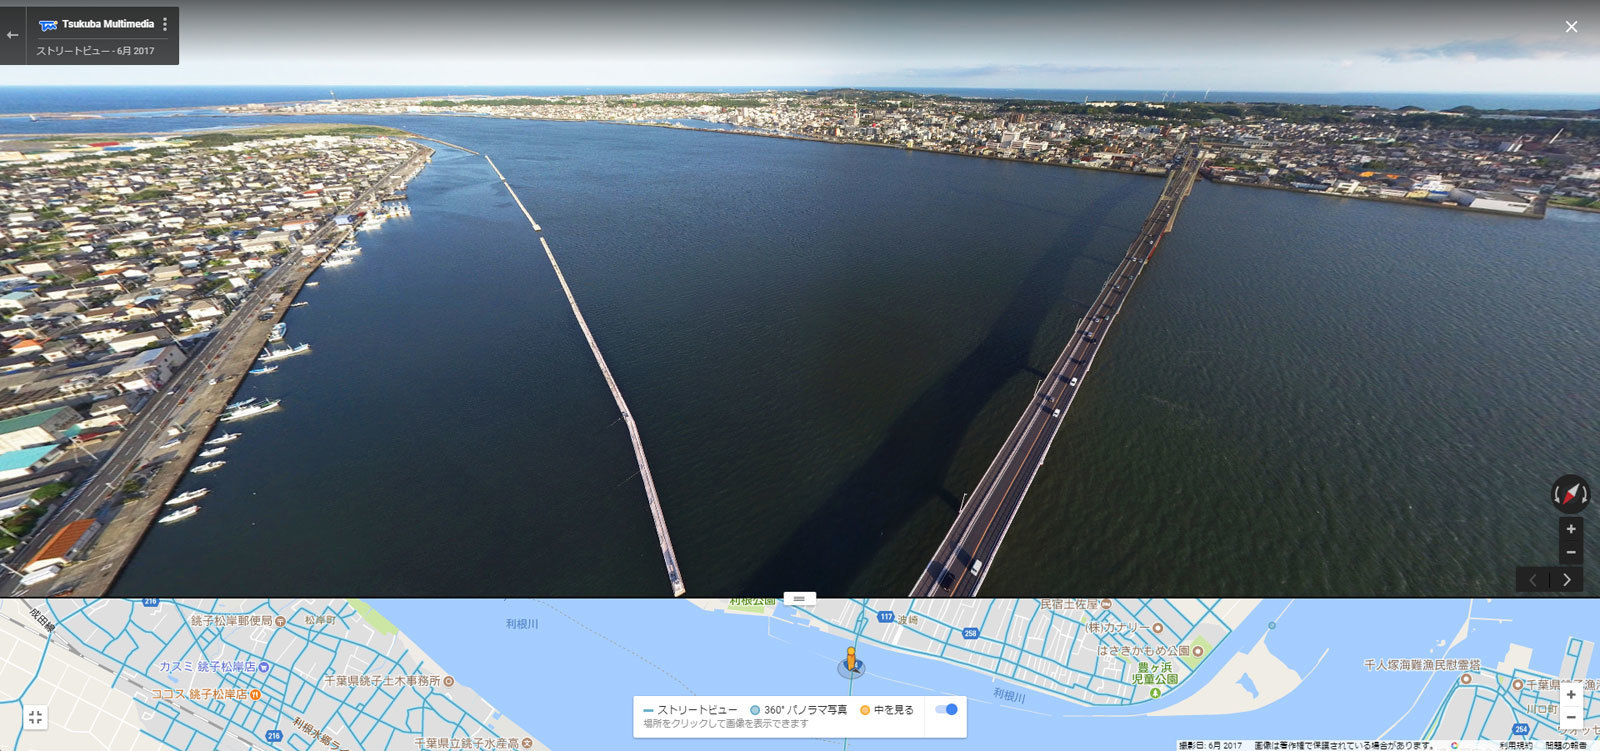 千葉県銚子市の銚子大橋